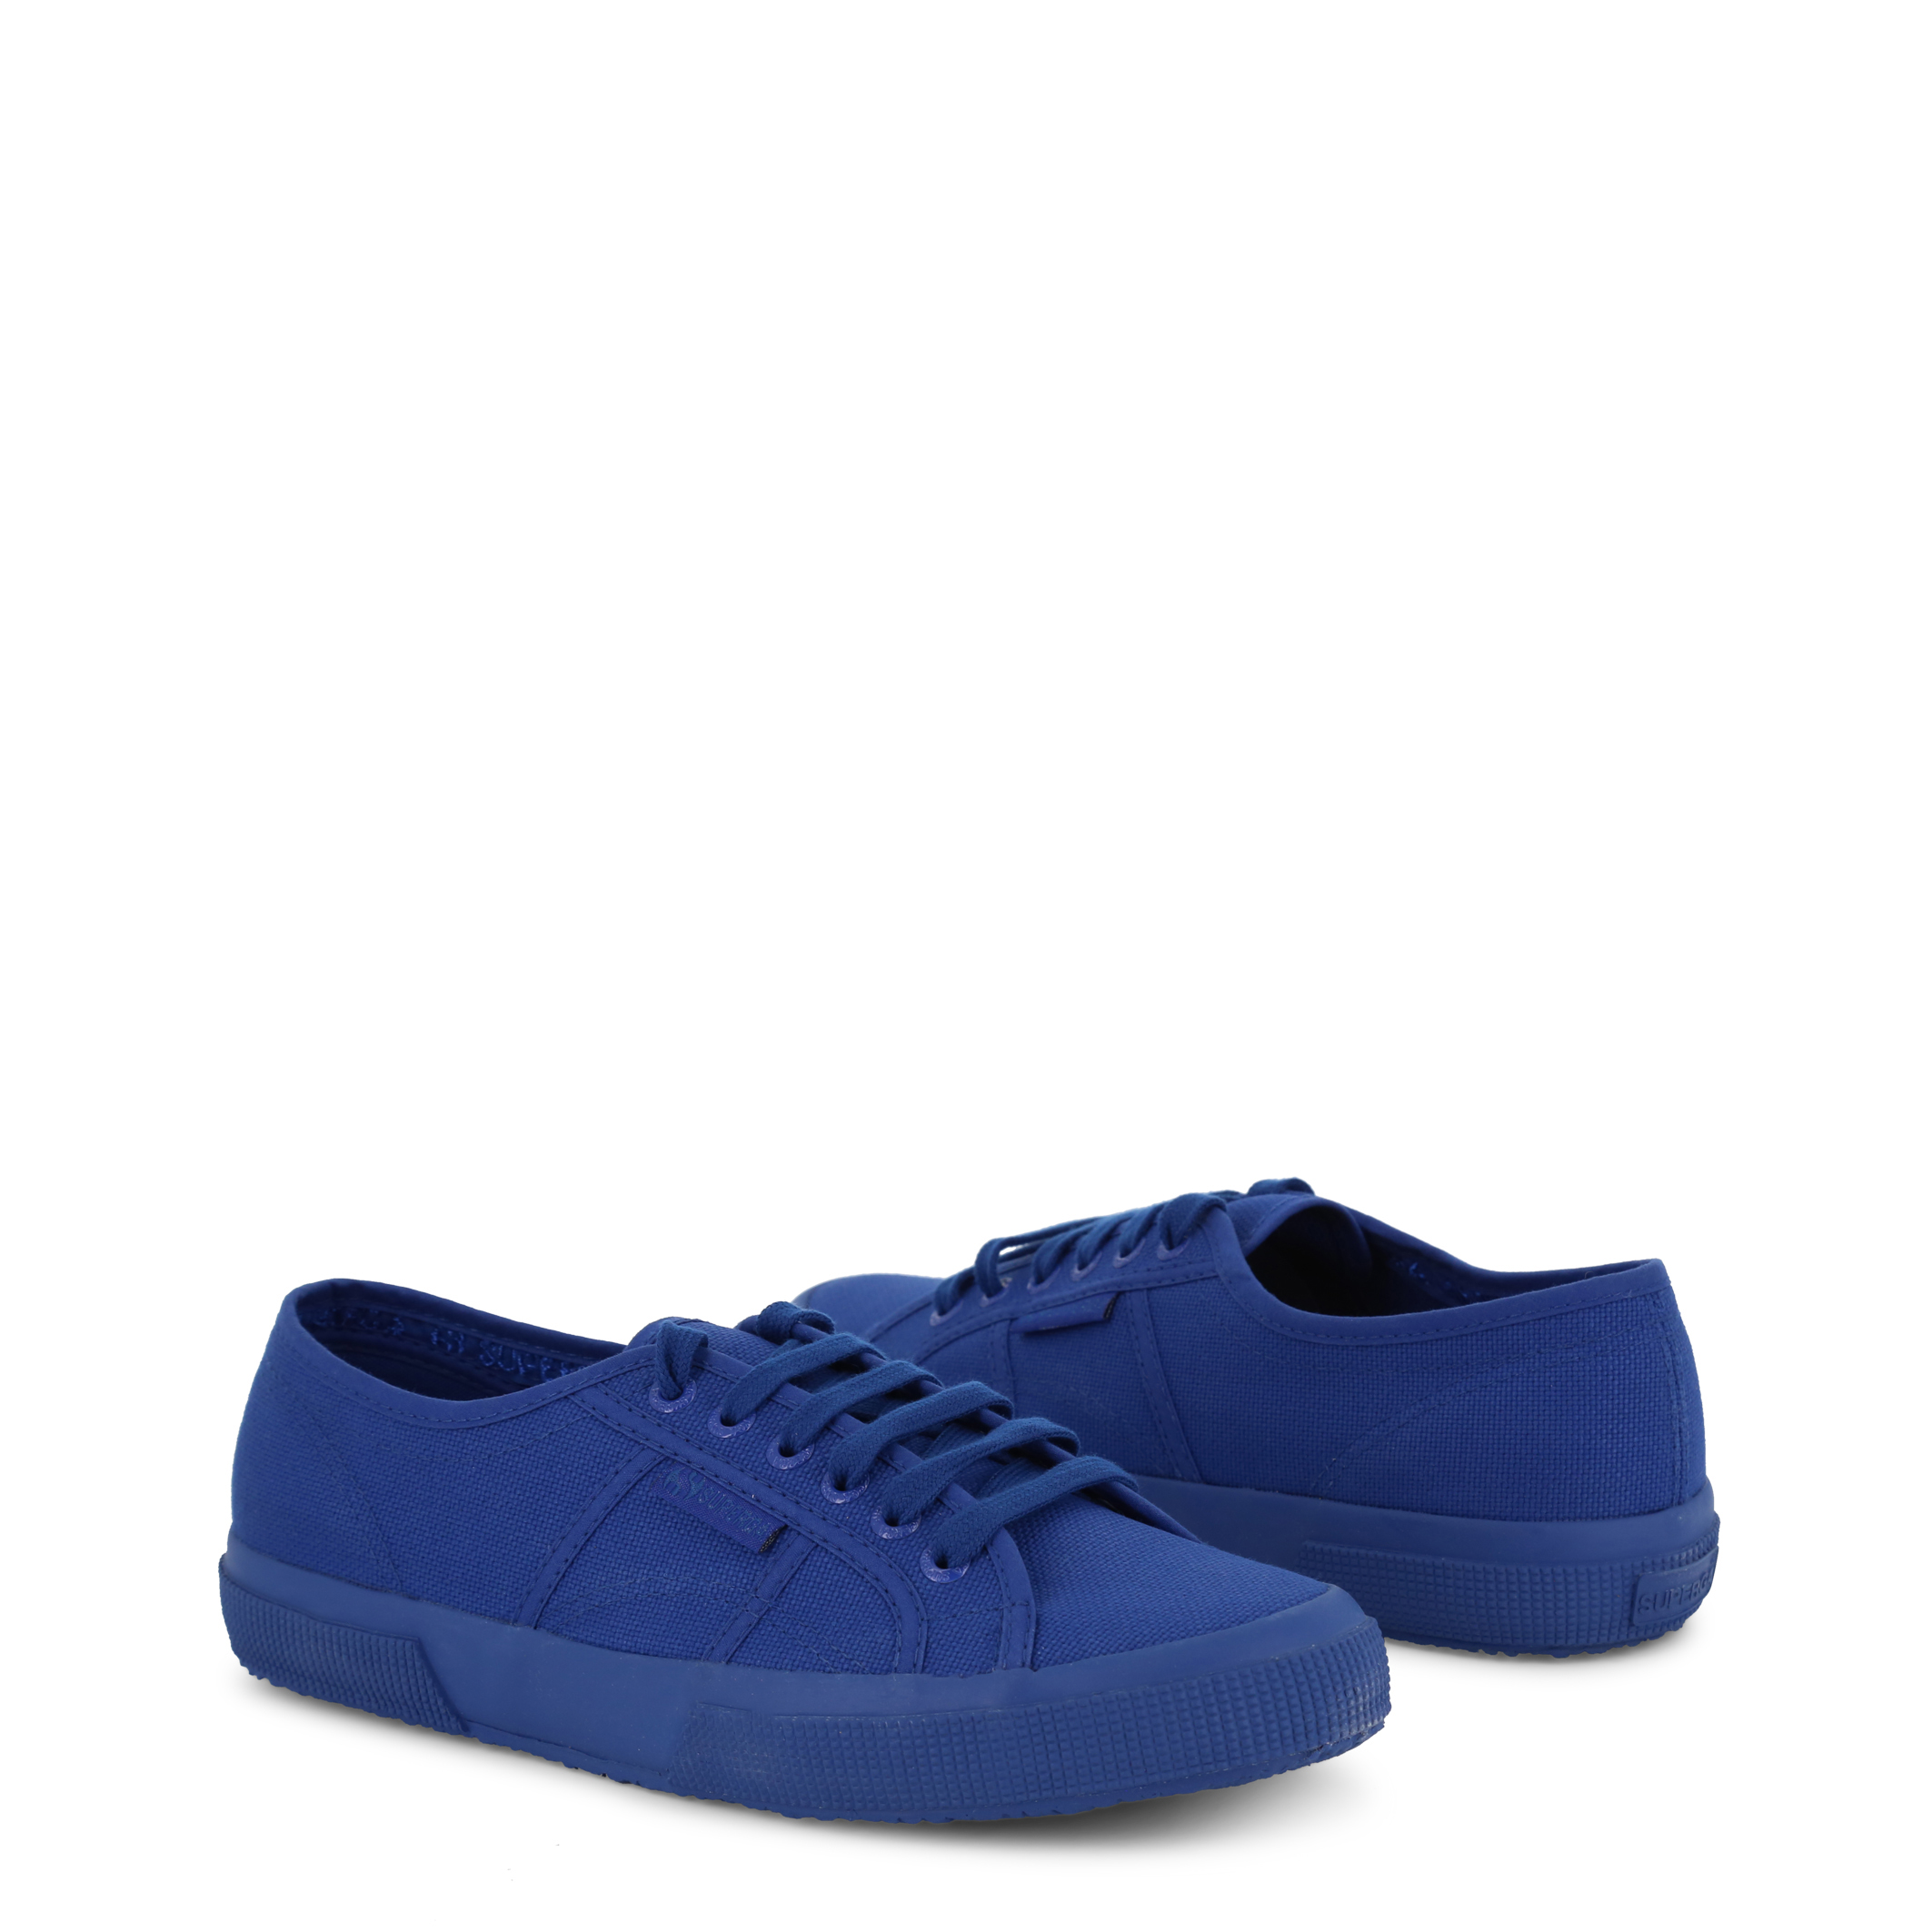 Sneakers-Superga-2750-COTU-CLASSIC-Unisex-Blu-98013 miniatura 2